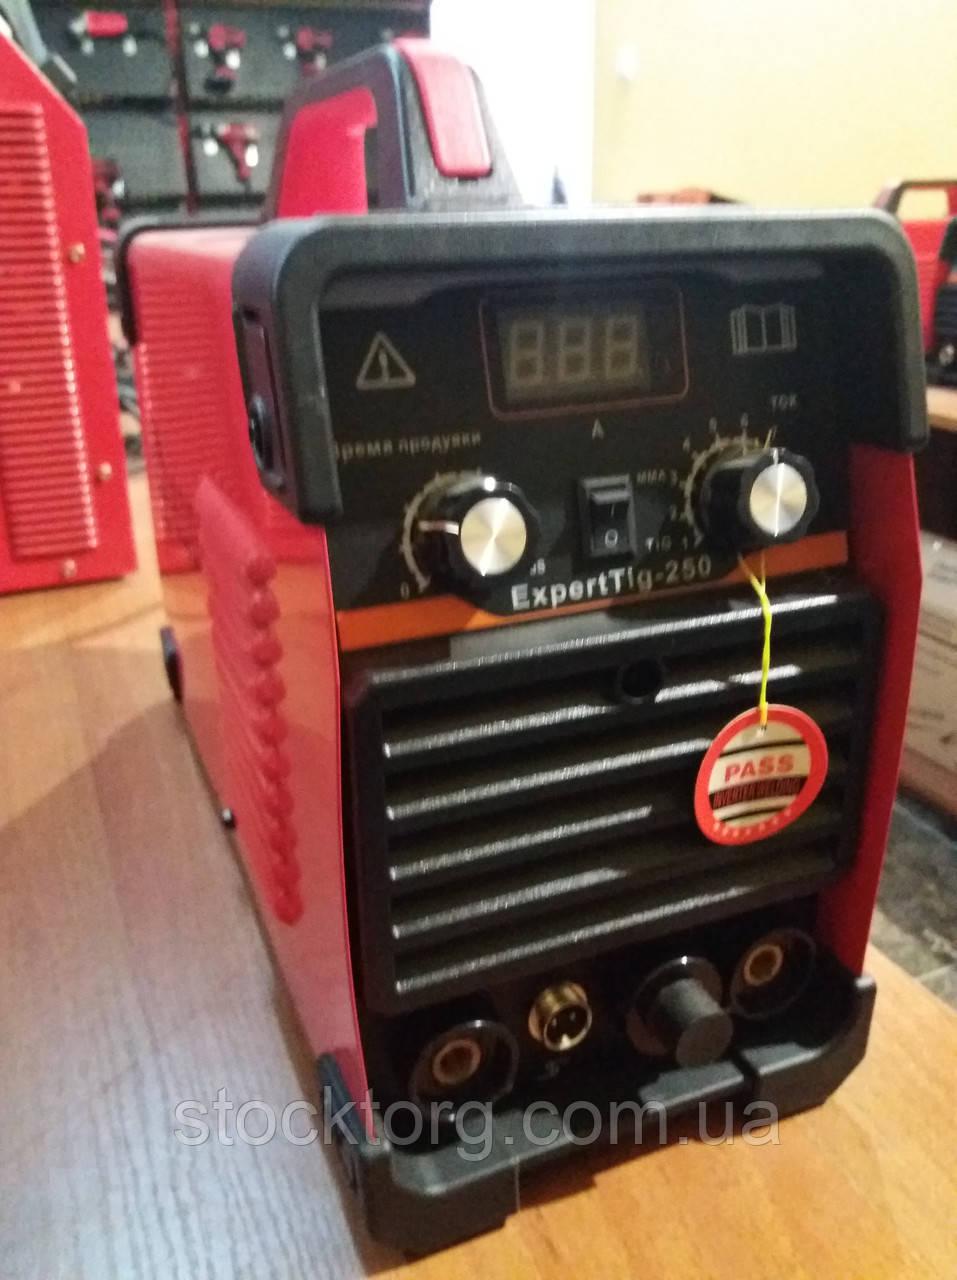 Сварочный аппарат аргонно-дуговой Edon Expert TIG 250 AC/DC